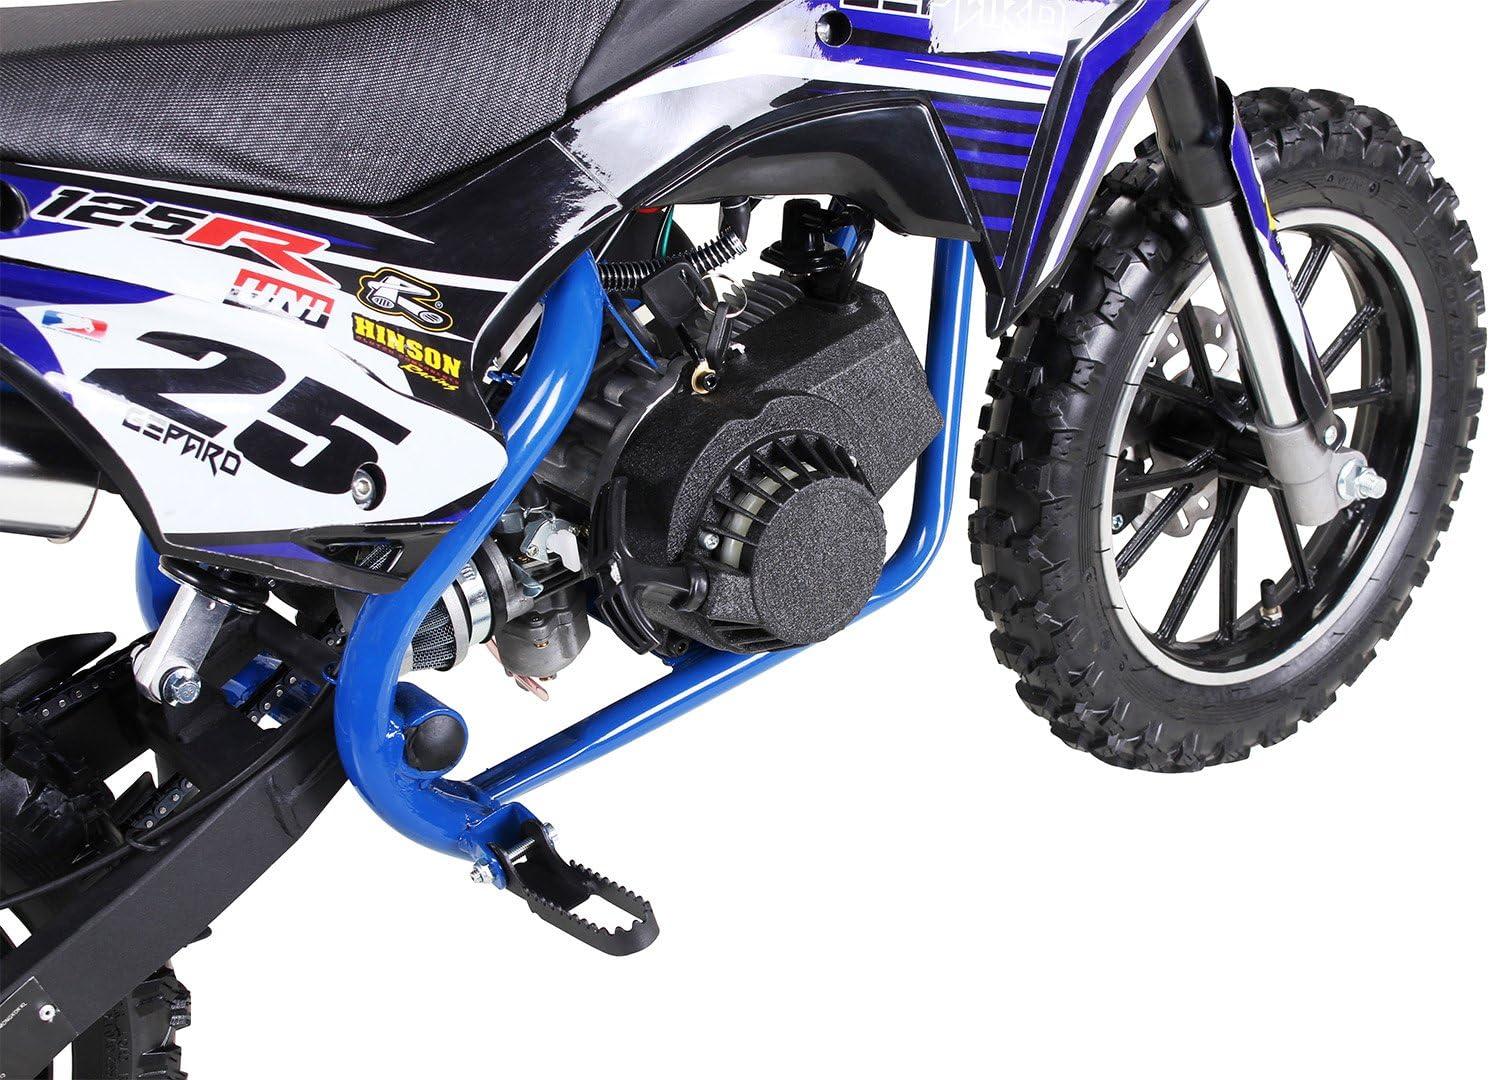 Moto de cross mini Gepard para niños, 49 cm³, 2 tiempos, incluye ...